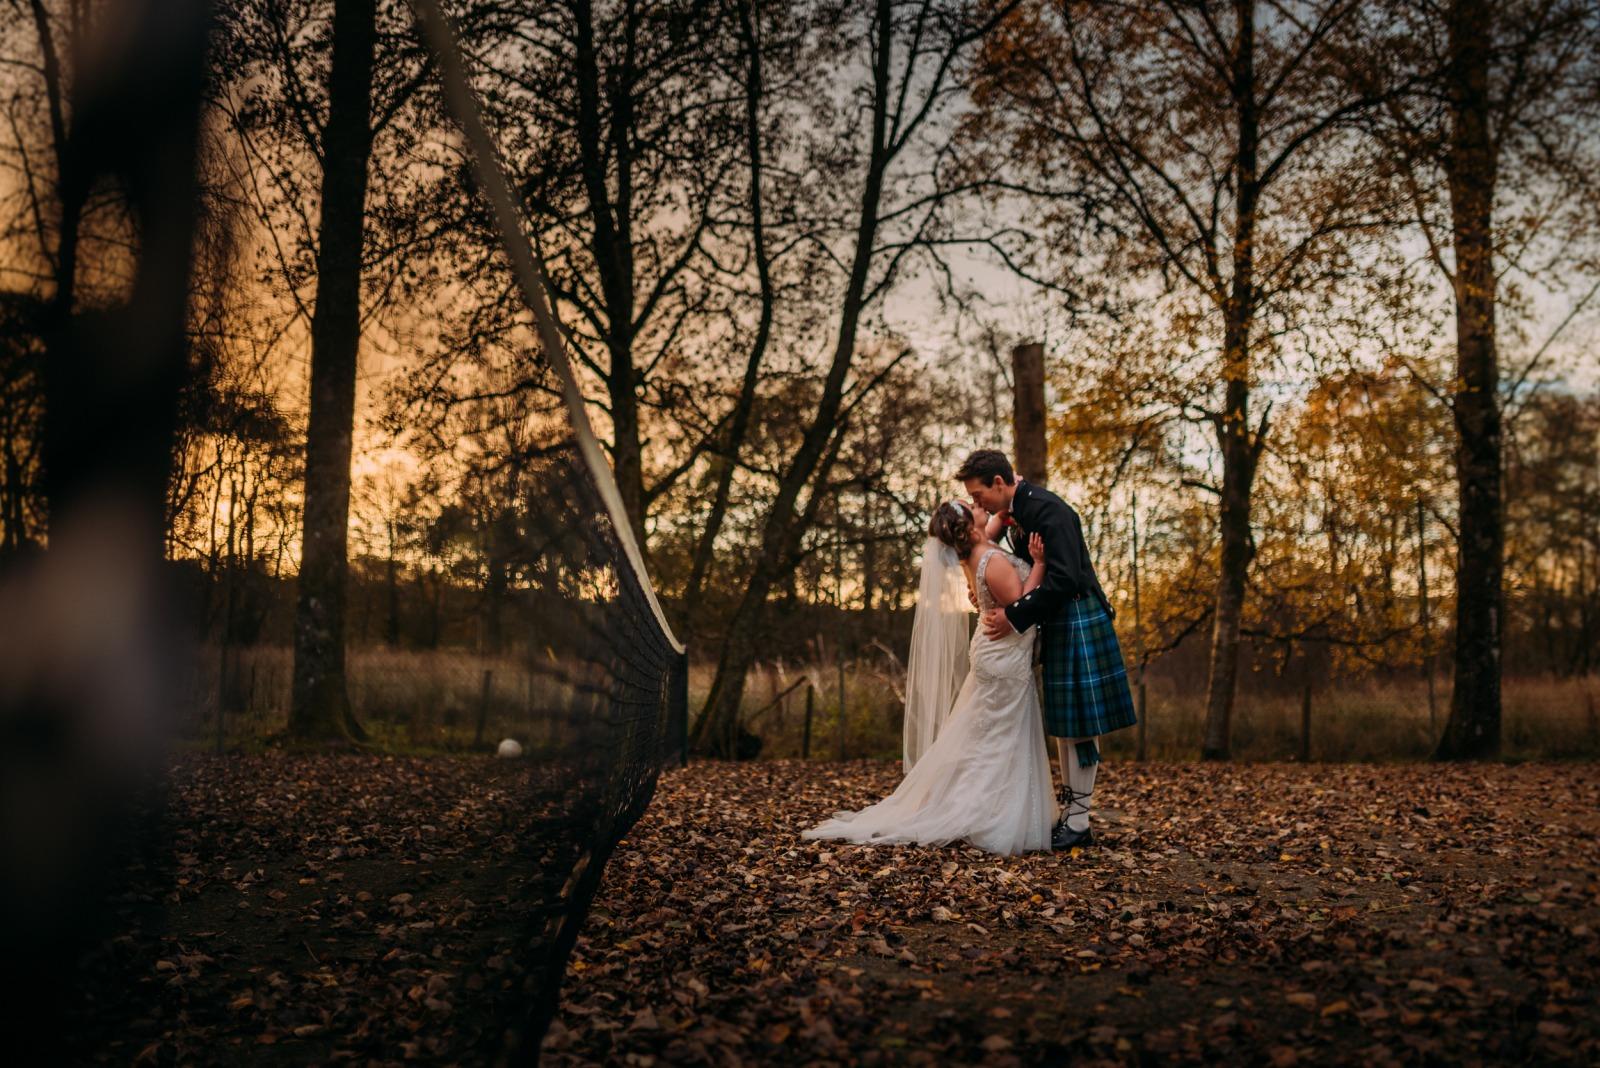 highward-house-wedding-407-of-372